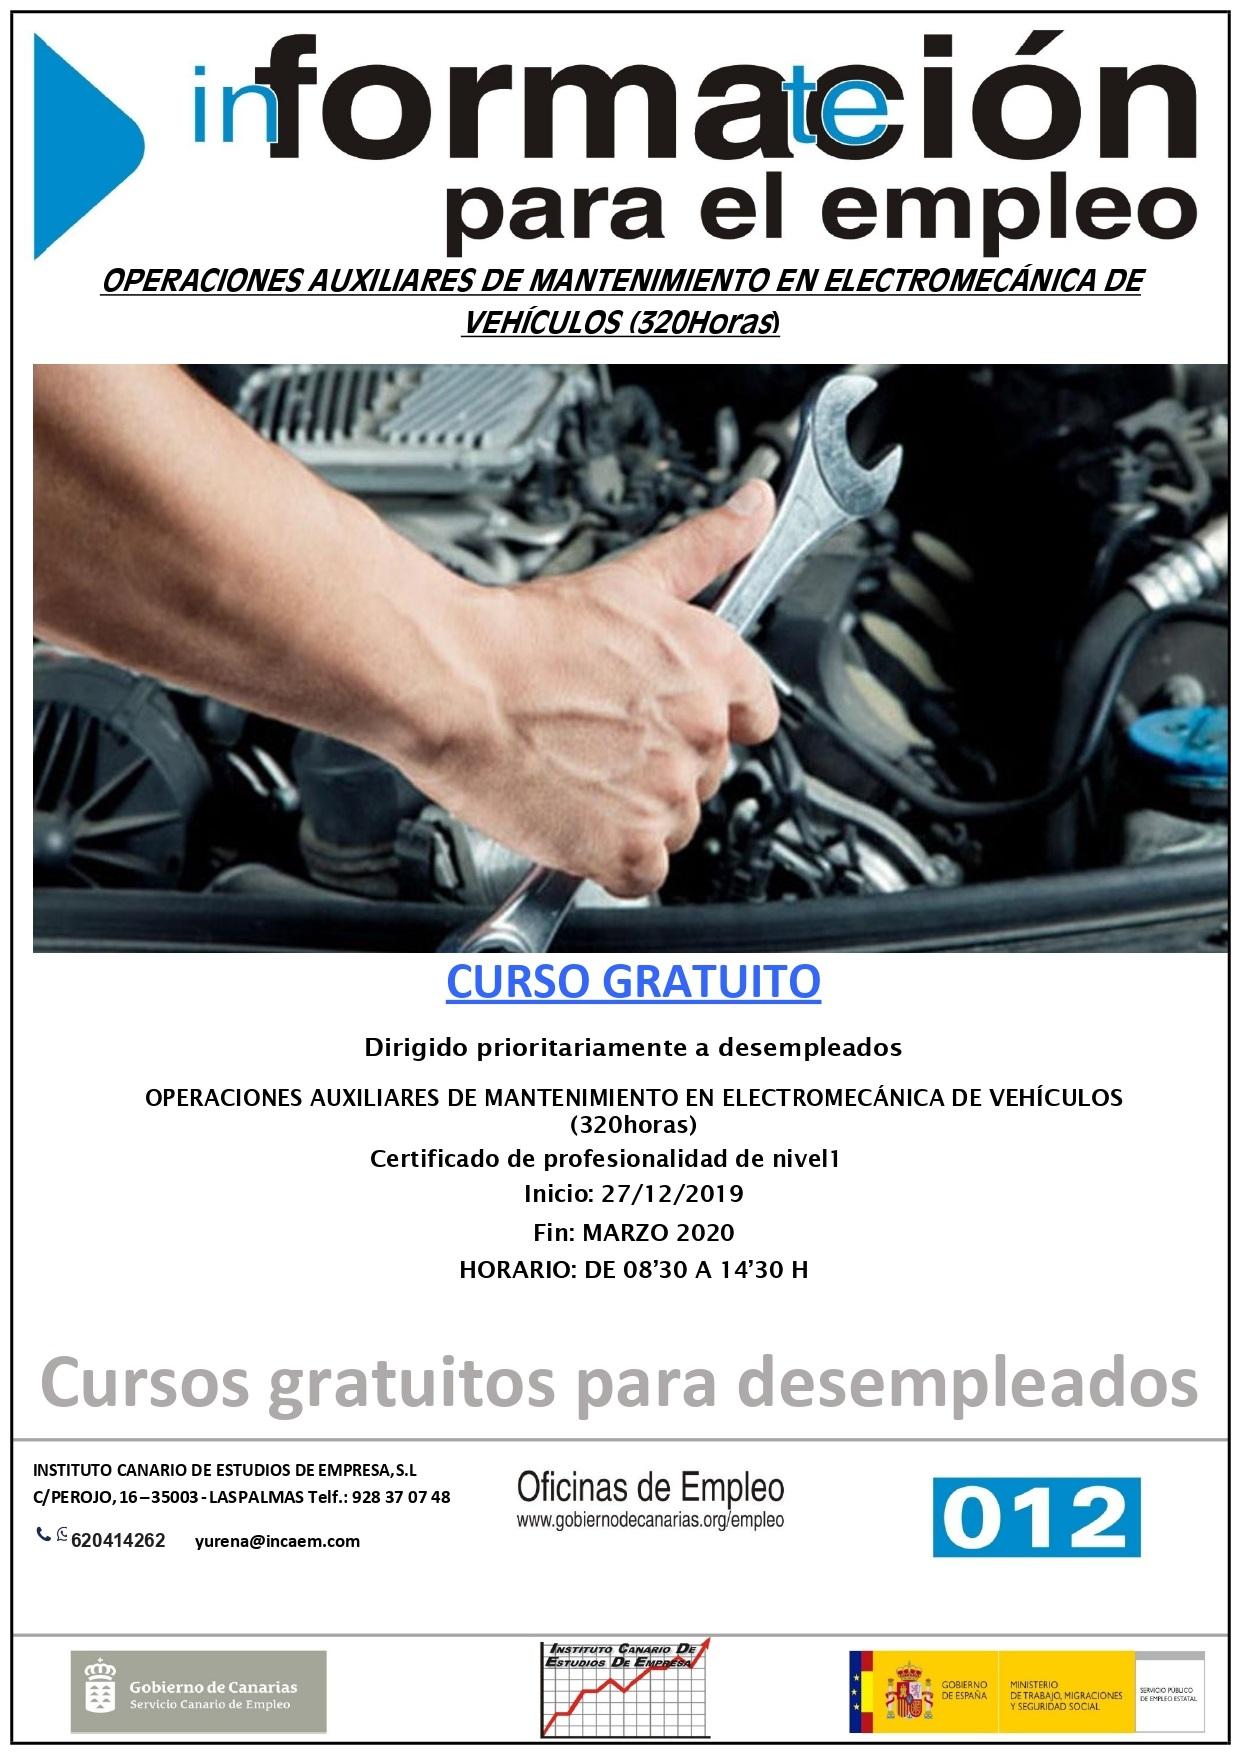 Operaciones Auxiliares de Mantenimiento en Electromecanica de Vehiculos